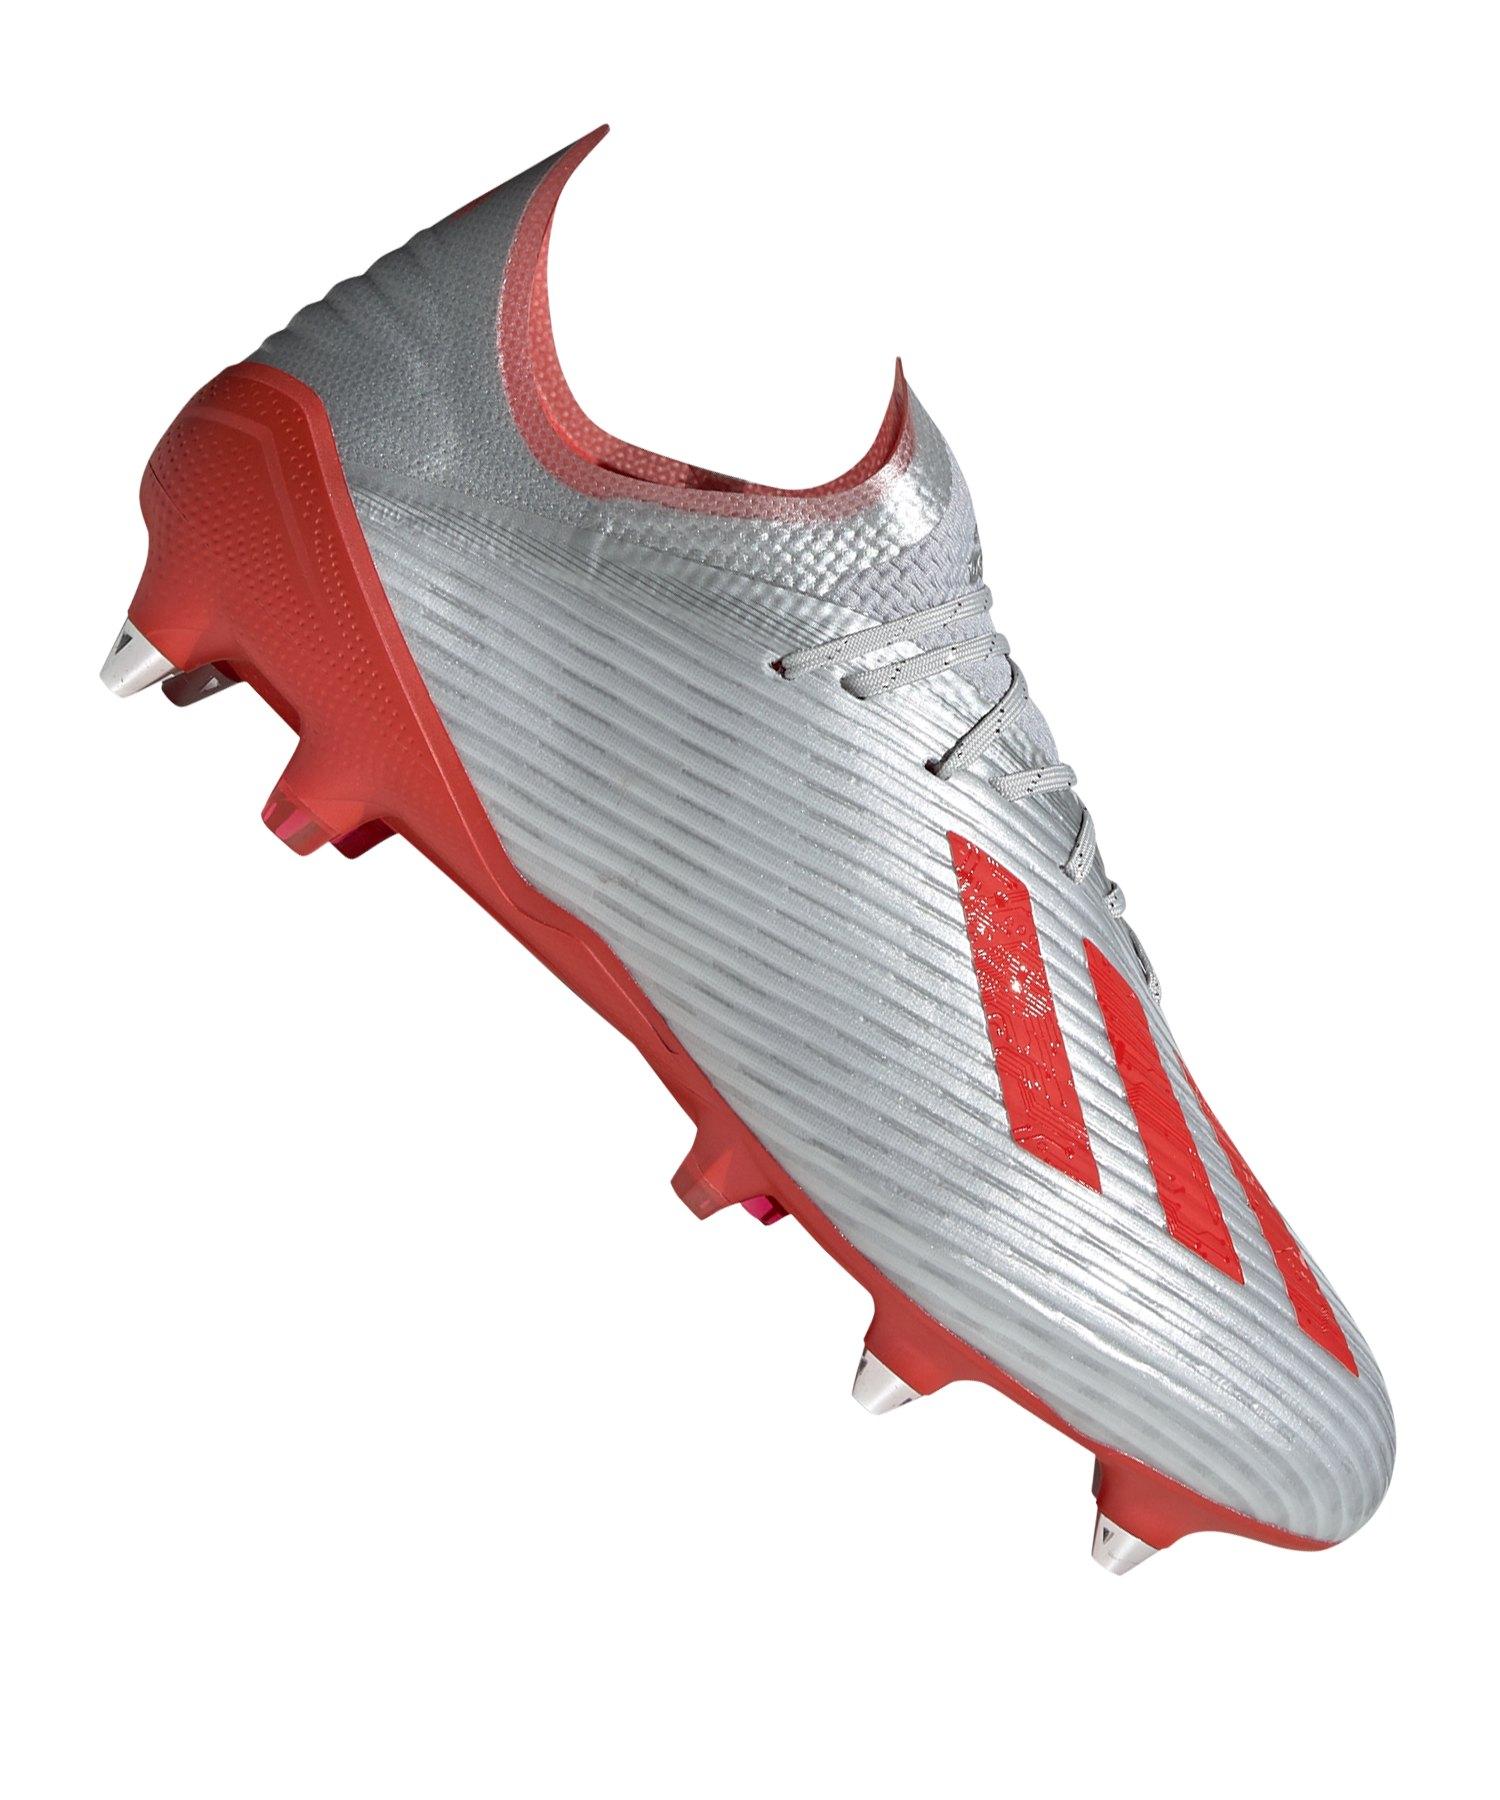 adidas X 19.1 SG Silber Rot - Silber